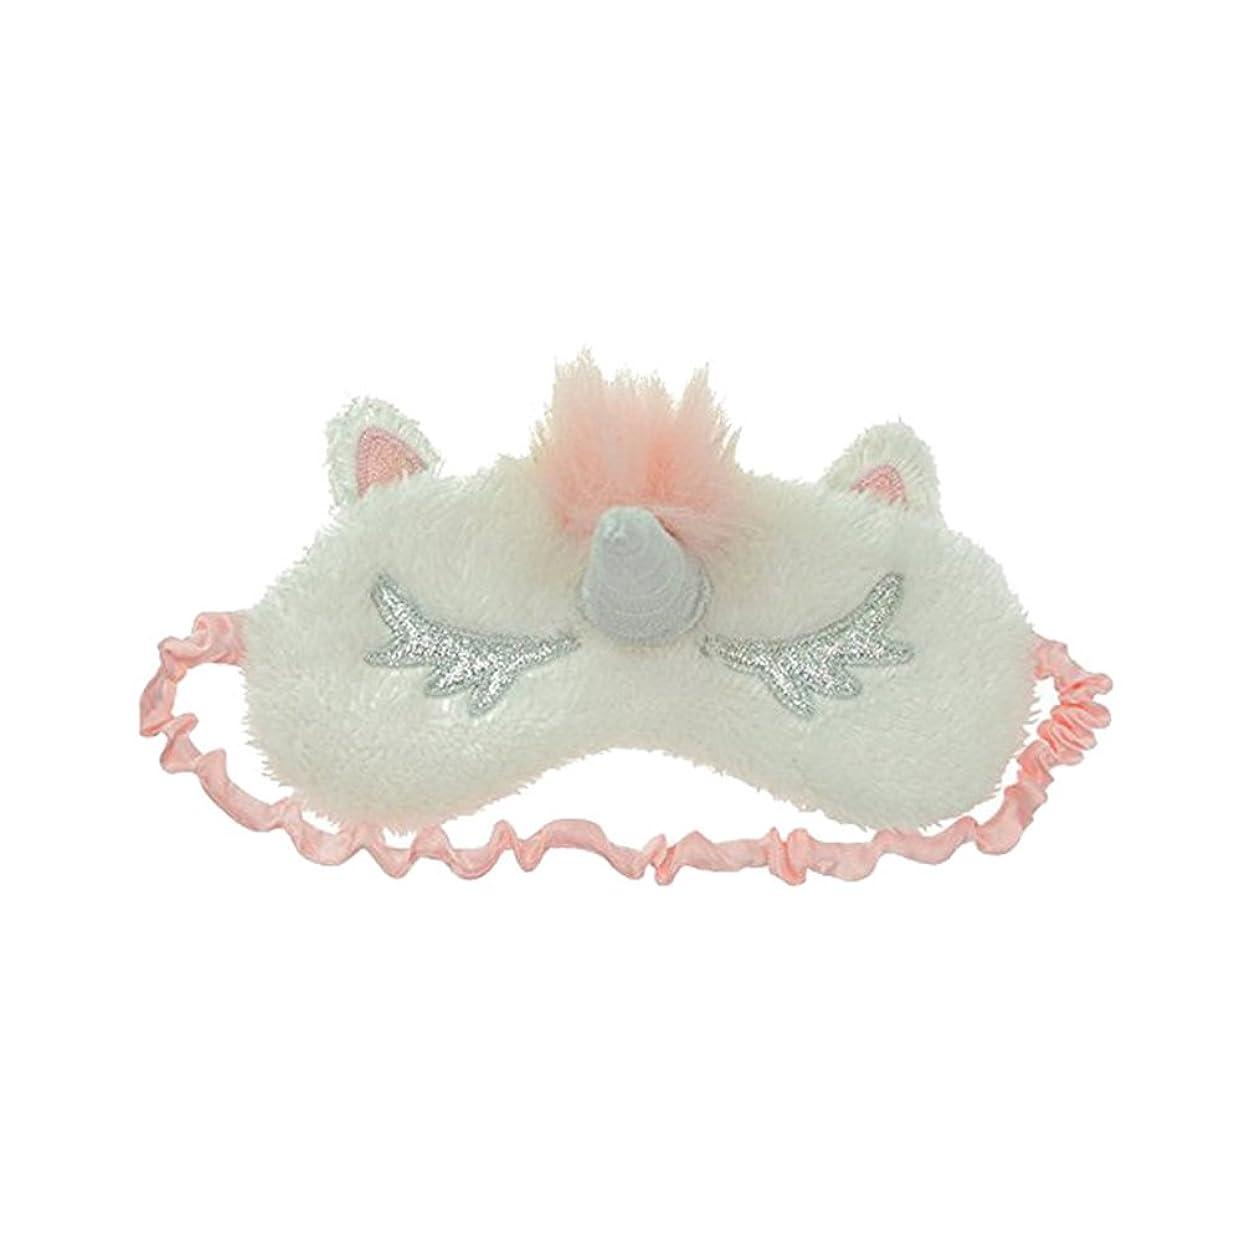 栄光資金ドロップHEALIFTY ユニコーンスリープアイマスクカバーかわいいアイシェイドスリープナップ瞑想用の目隠し